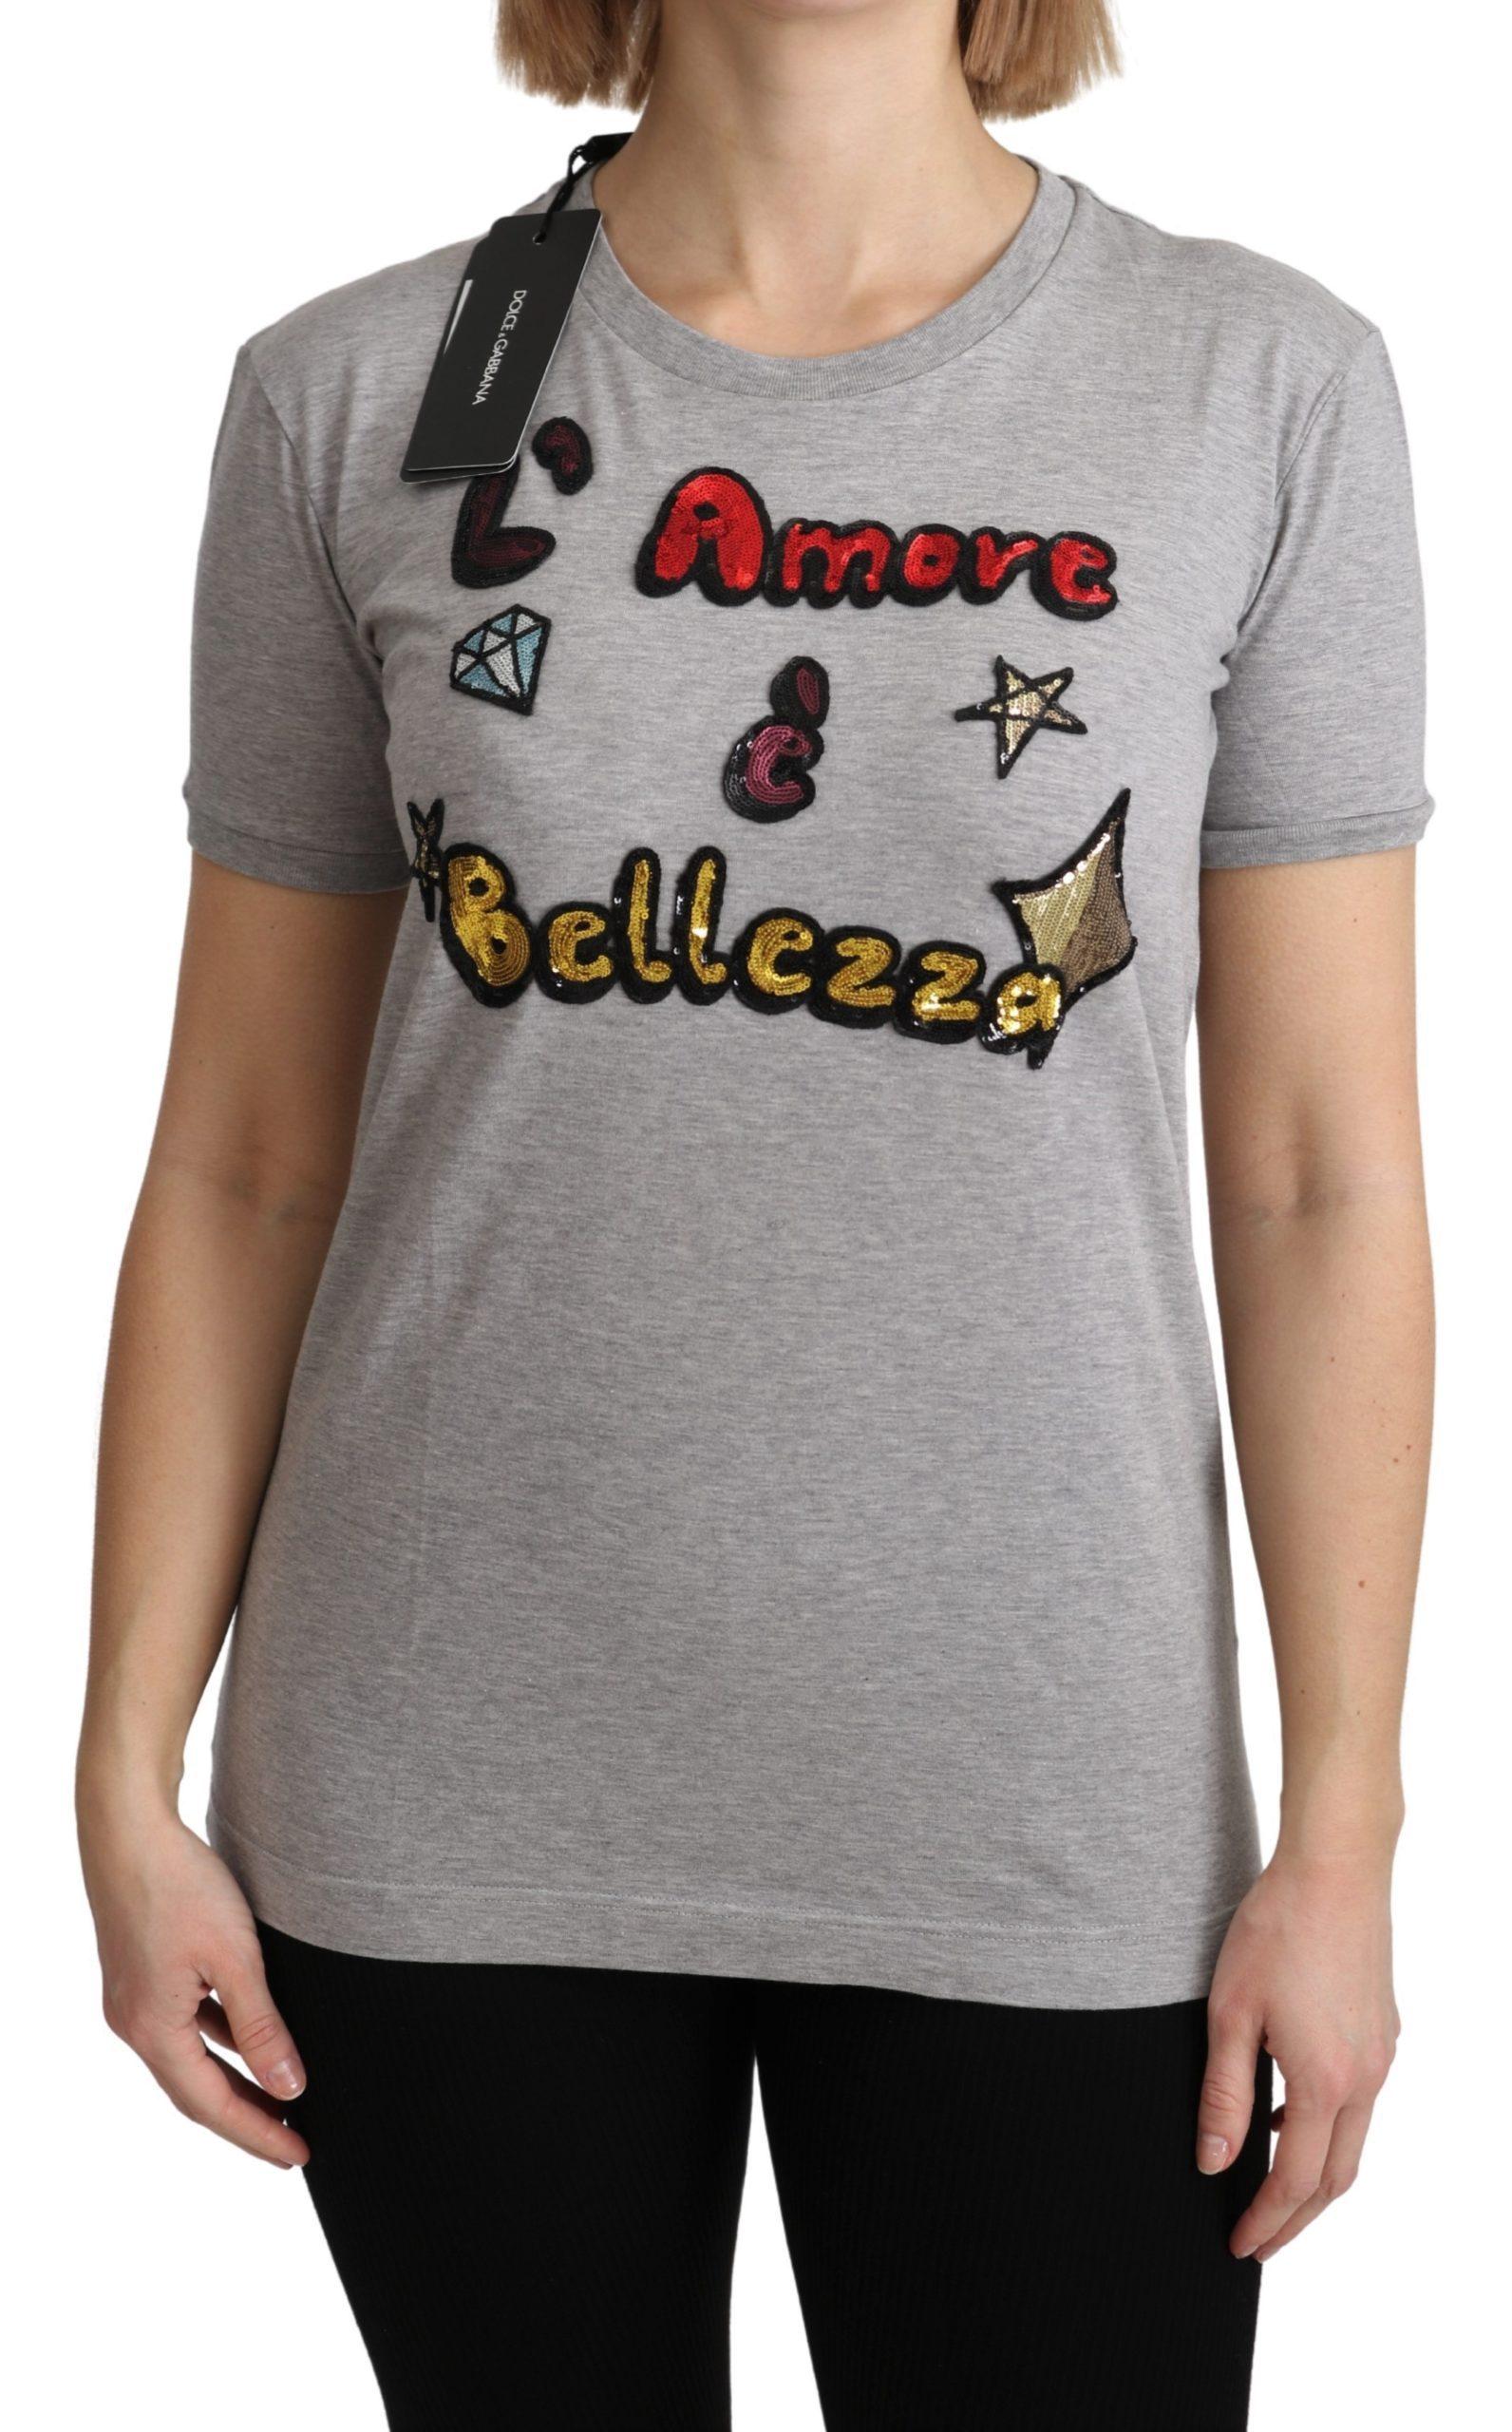 Dolce & Gabbana Women's Cotton Amore e Bellezza T-Shirt Gray TSH5154 - IT36 | XS